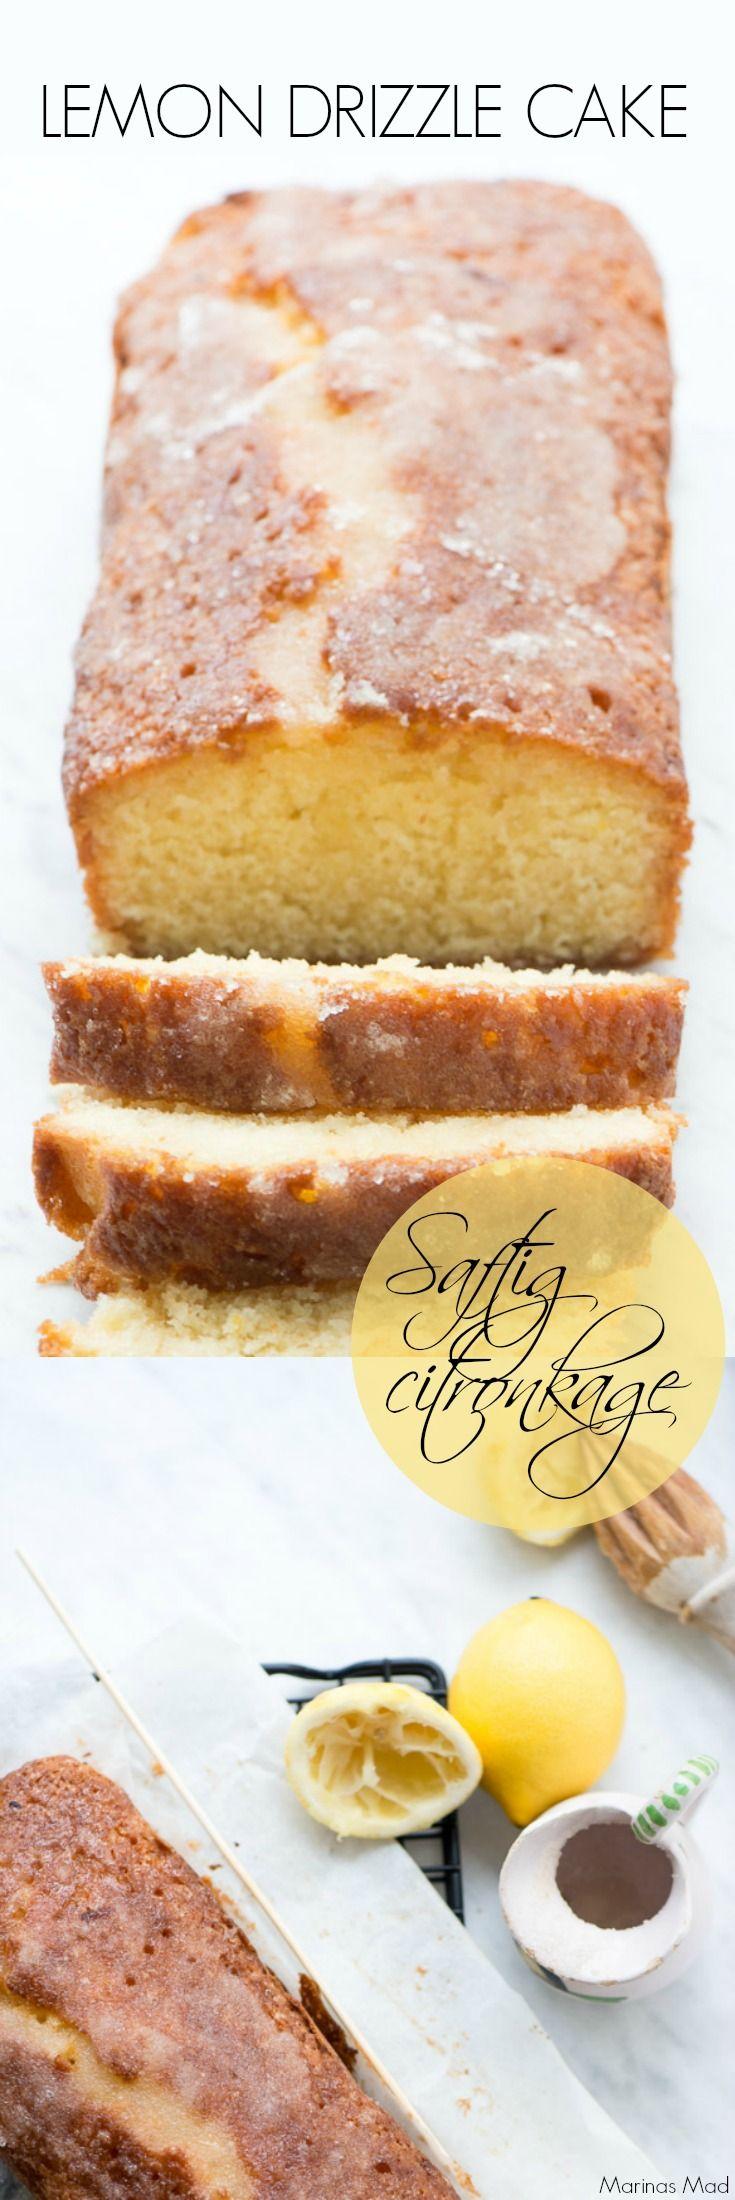 Den engelske lemon drizzle cake er en fantastisk skærekage. Nem at lave og altid populær, fordi den er saftig og samtidigt knasende på toppen. Opskrift fra Marinas Mad